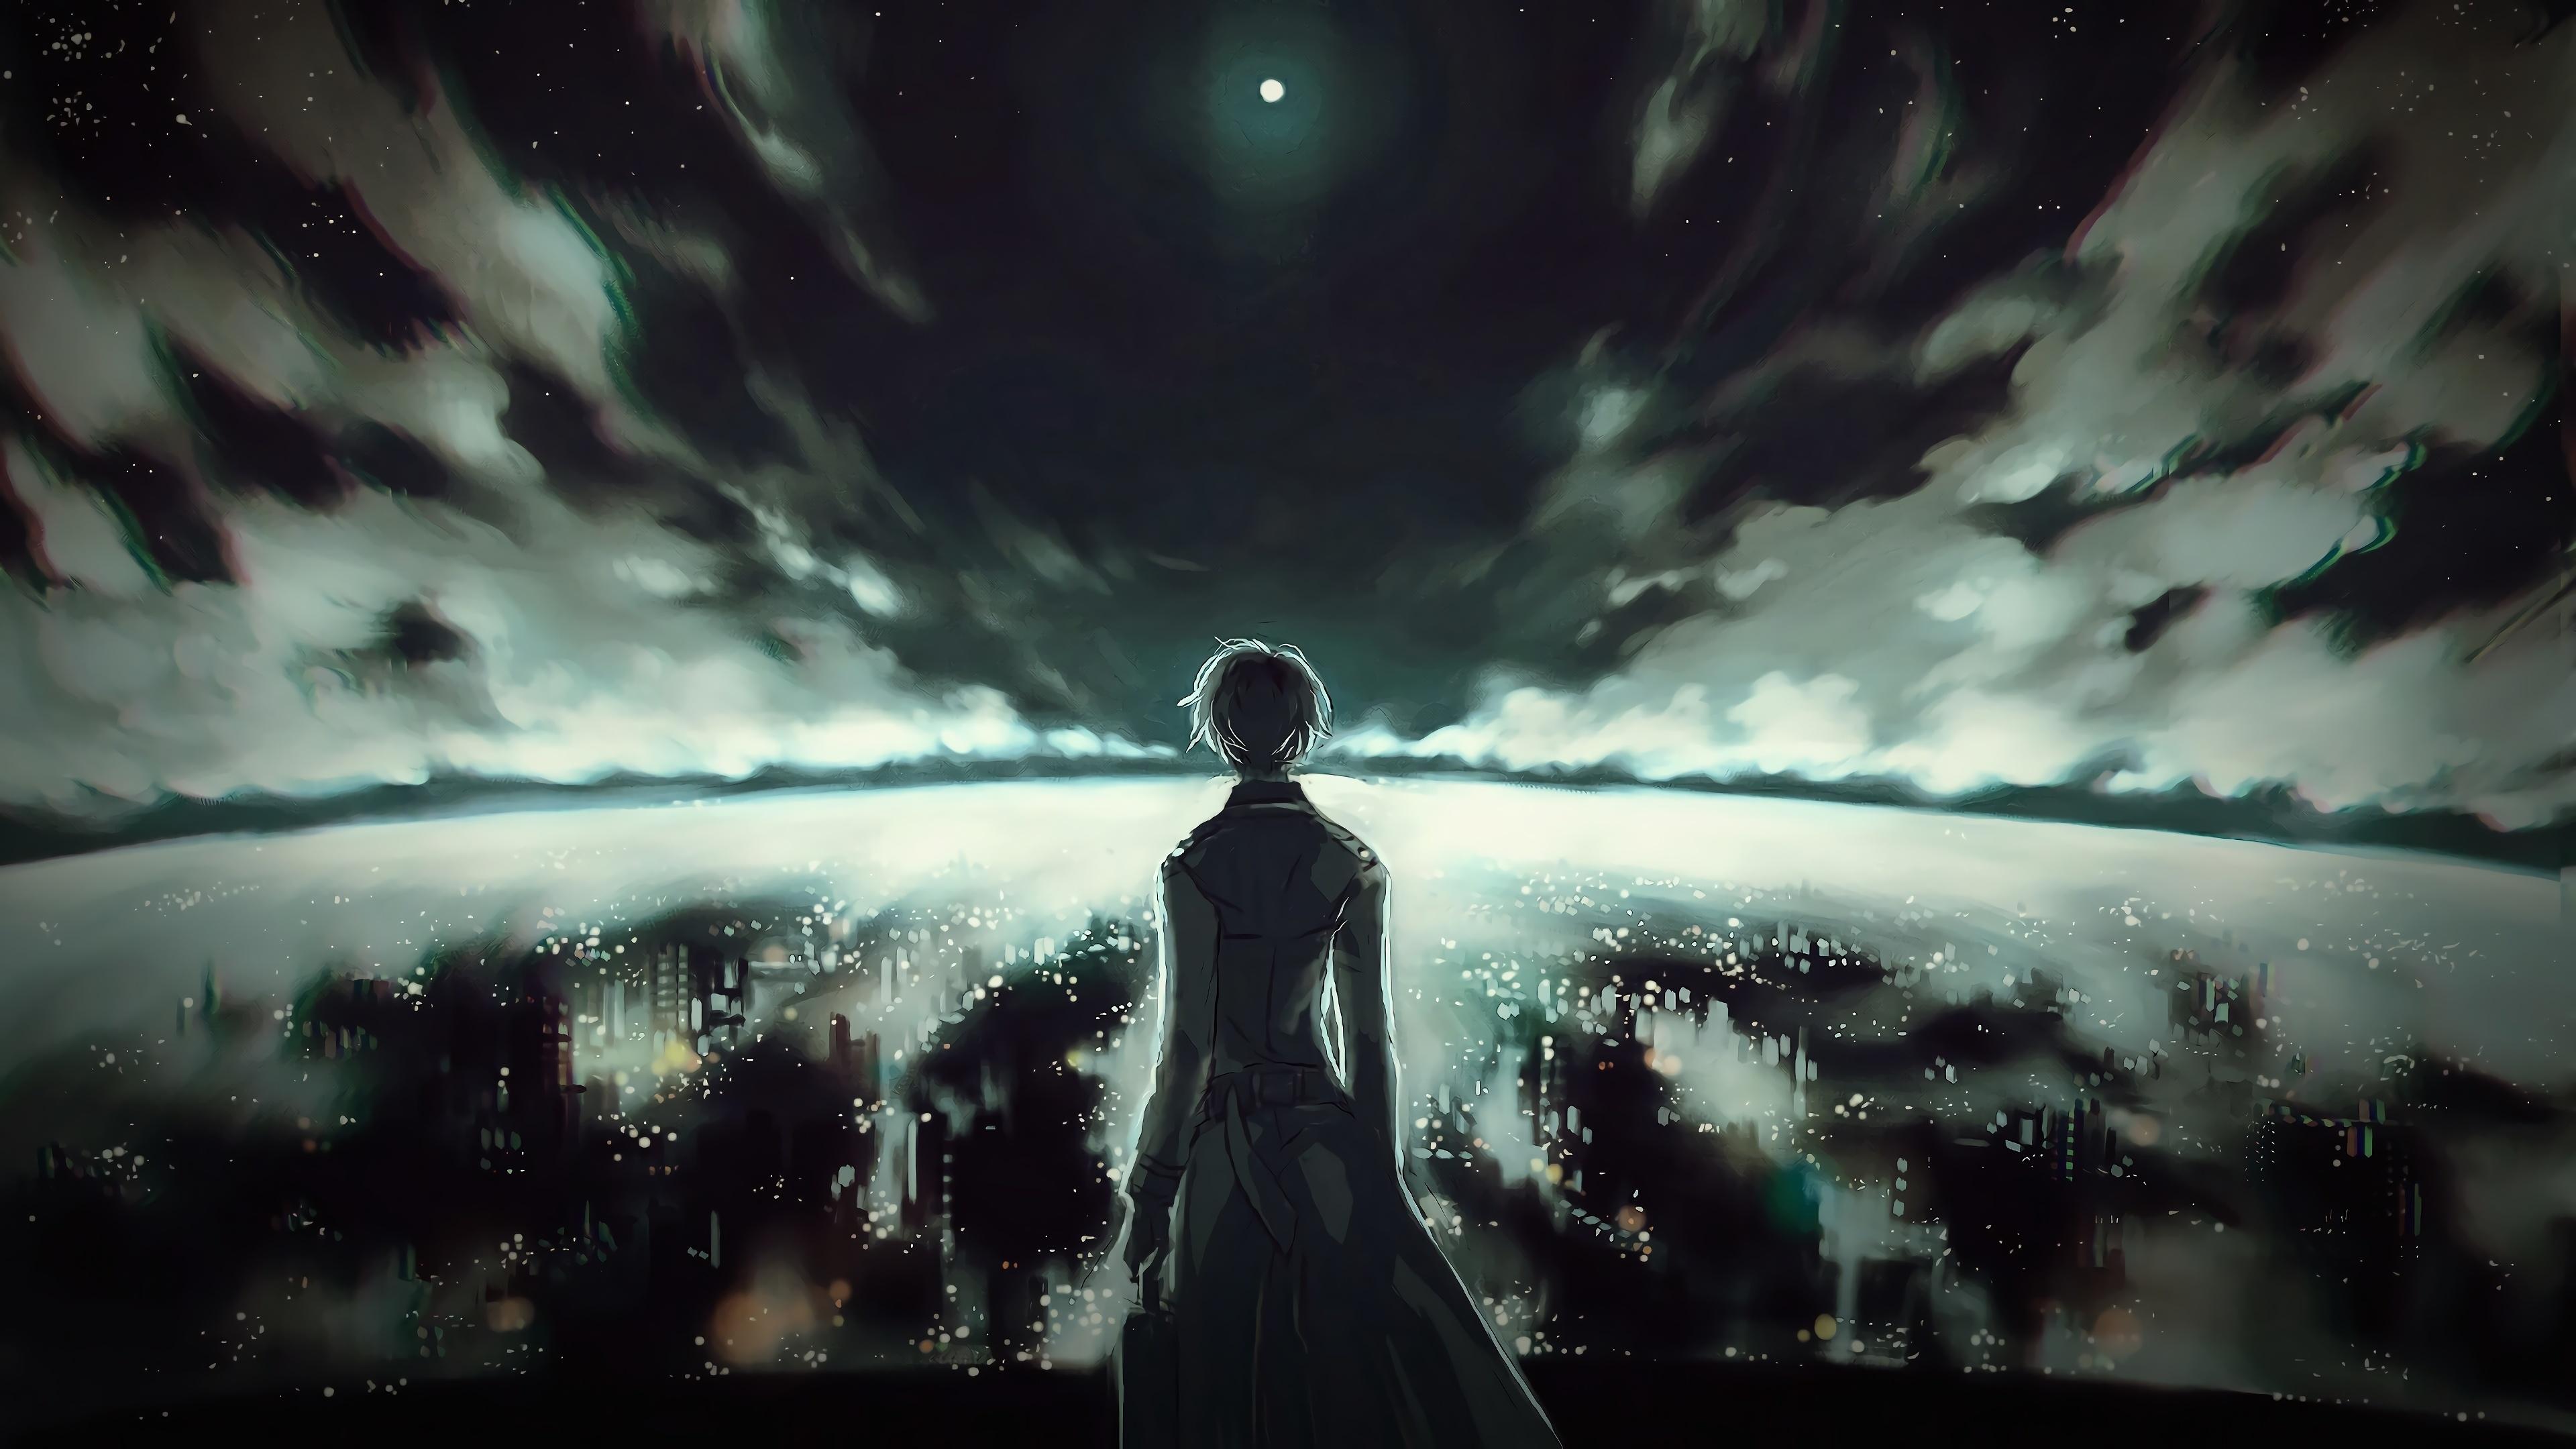 Download 3840x2400 Wallpaper Ken Kaneki Tokyo Ghoul Anime